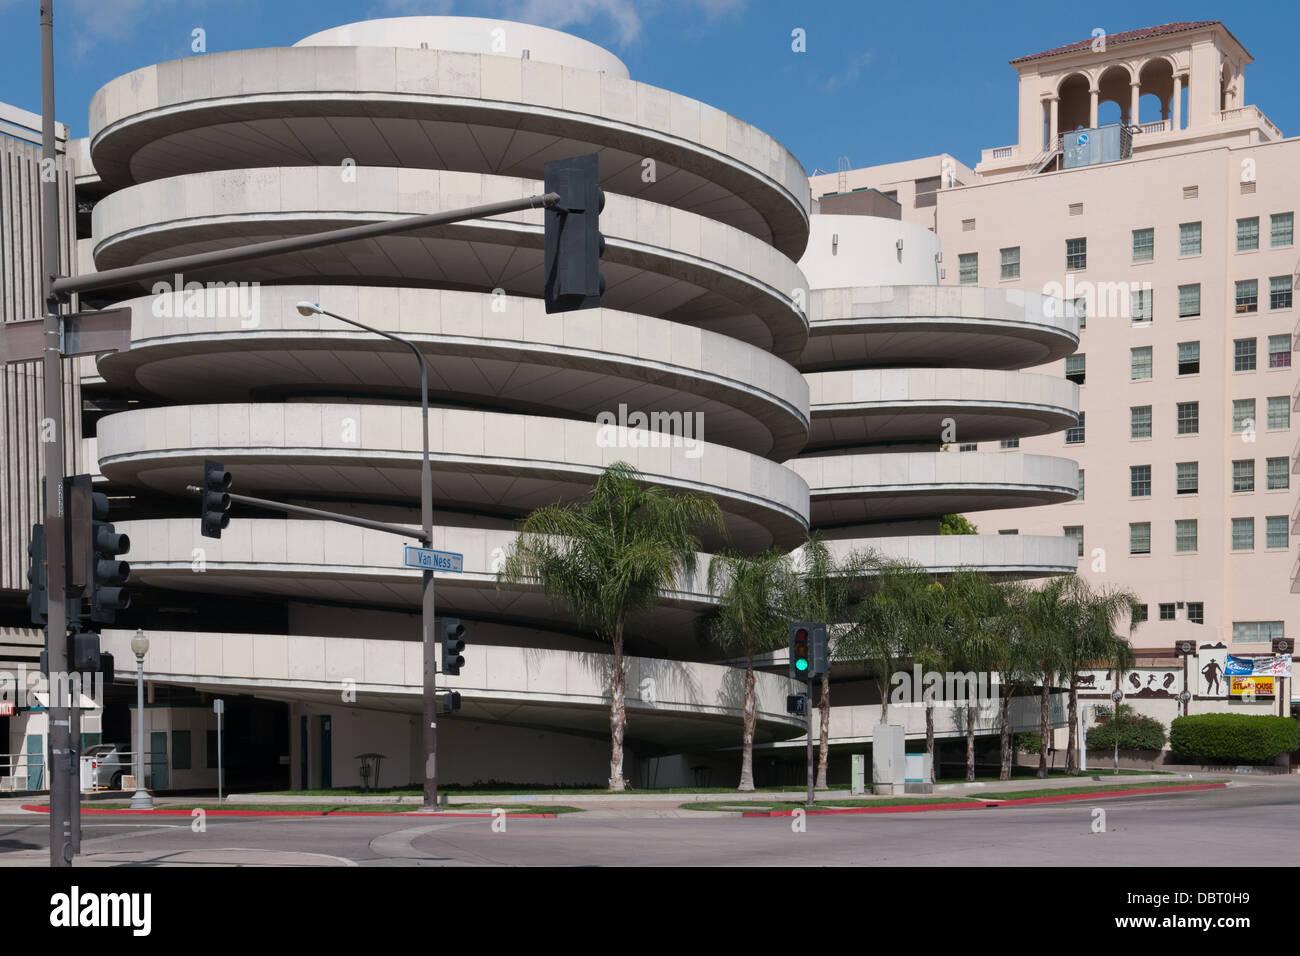 Garage de stationnement au centre-ville de Fresno, Californie Banque D'Images